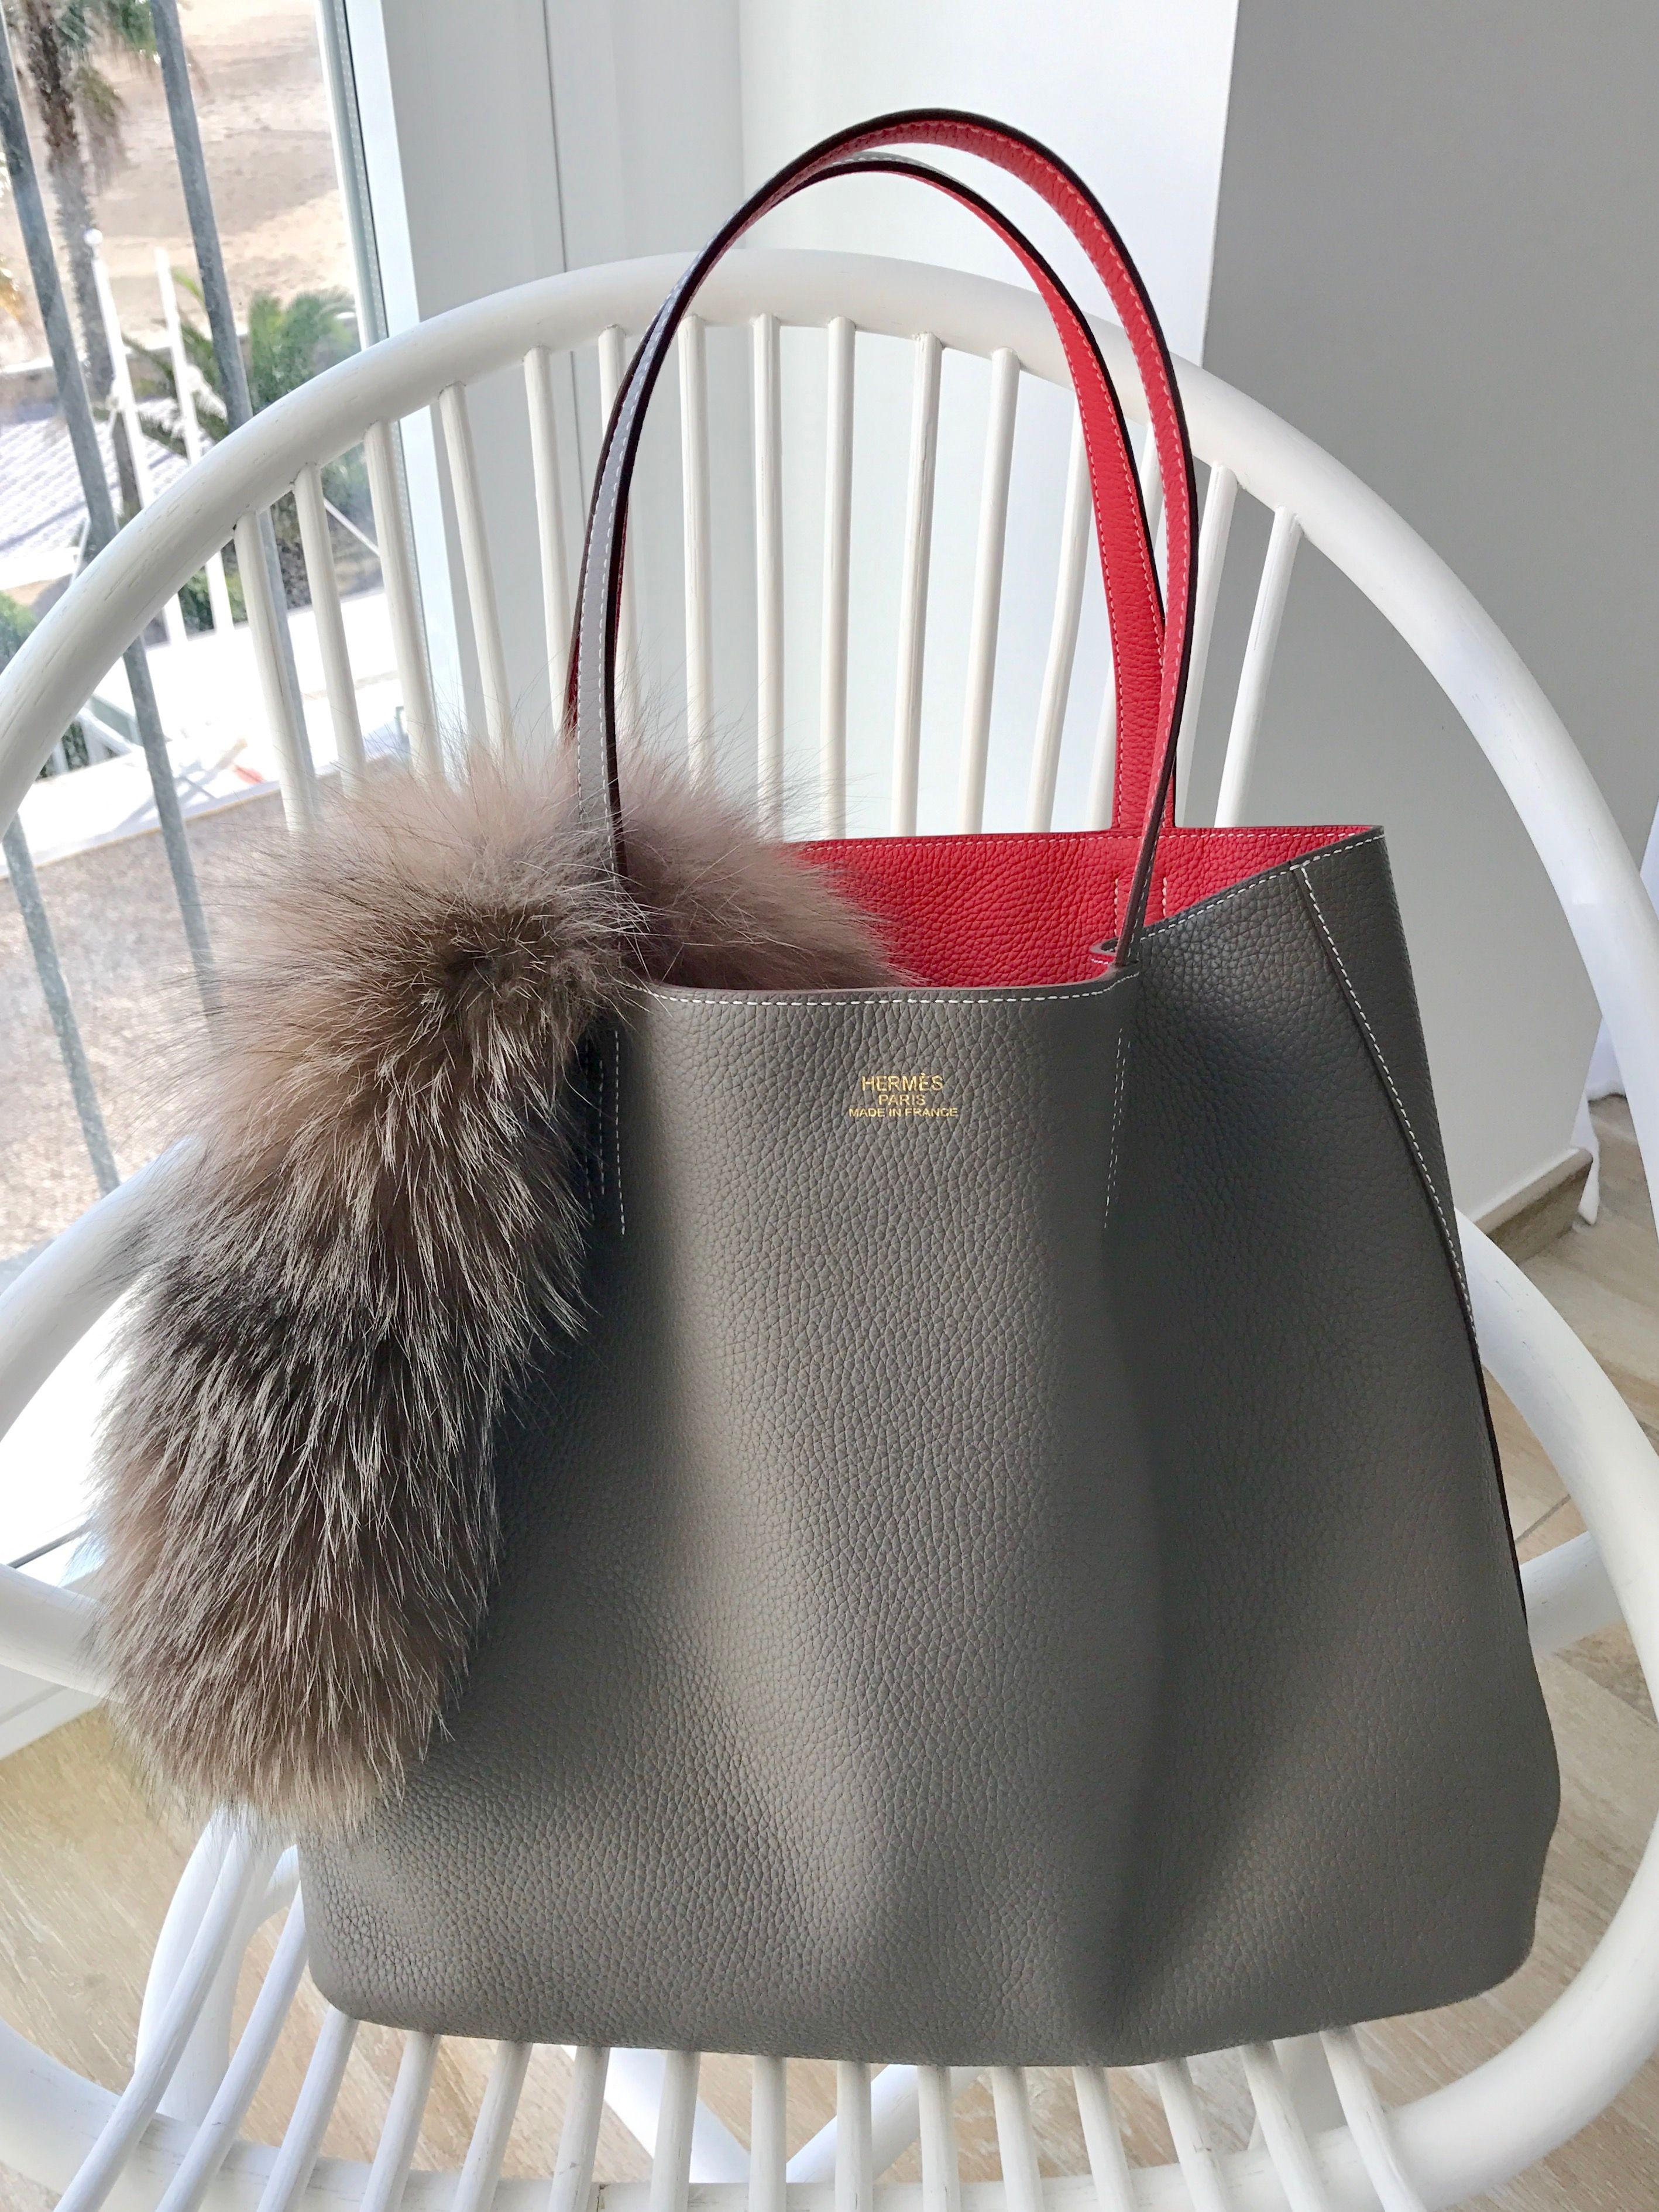 c5cd108de01b Hermès Double Sens 45 Taurillon Clemence Bougainvillier   Etain Hermes Bags